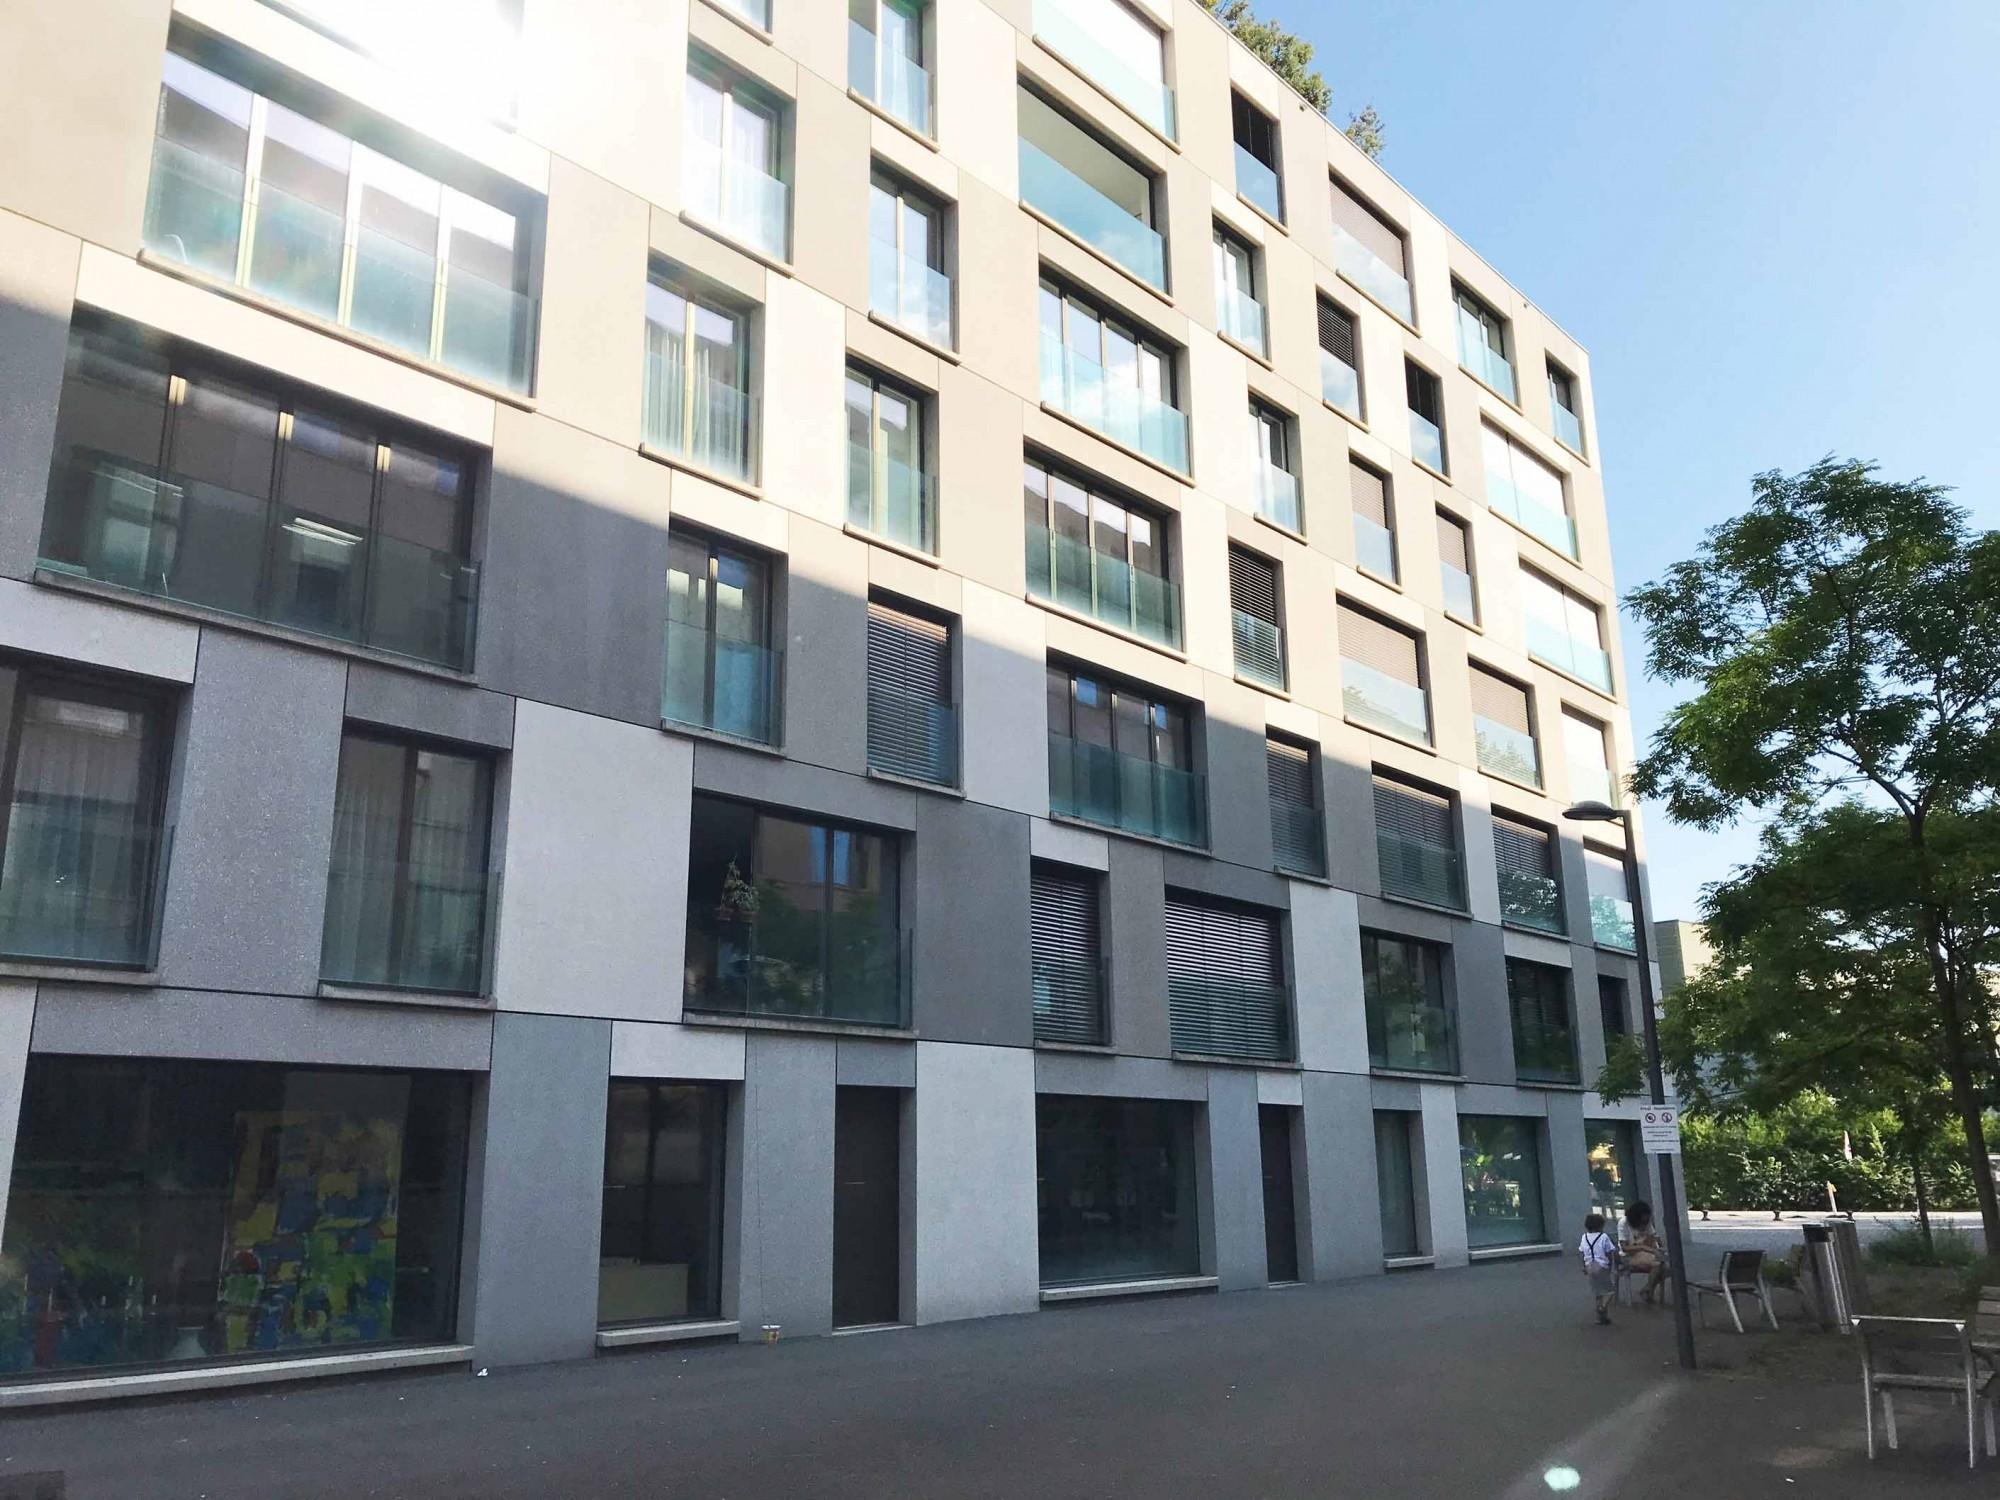 Schattenwurf auf Fassade eines Gebäudes